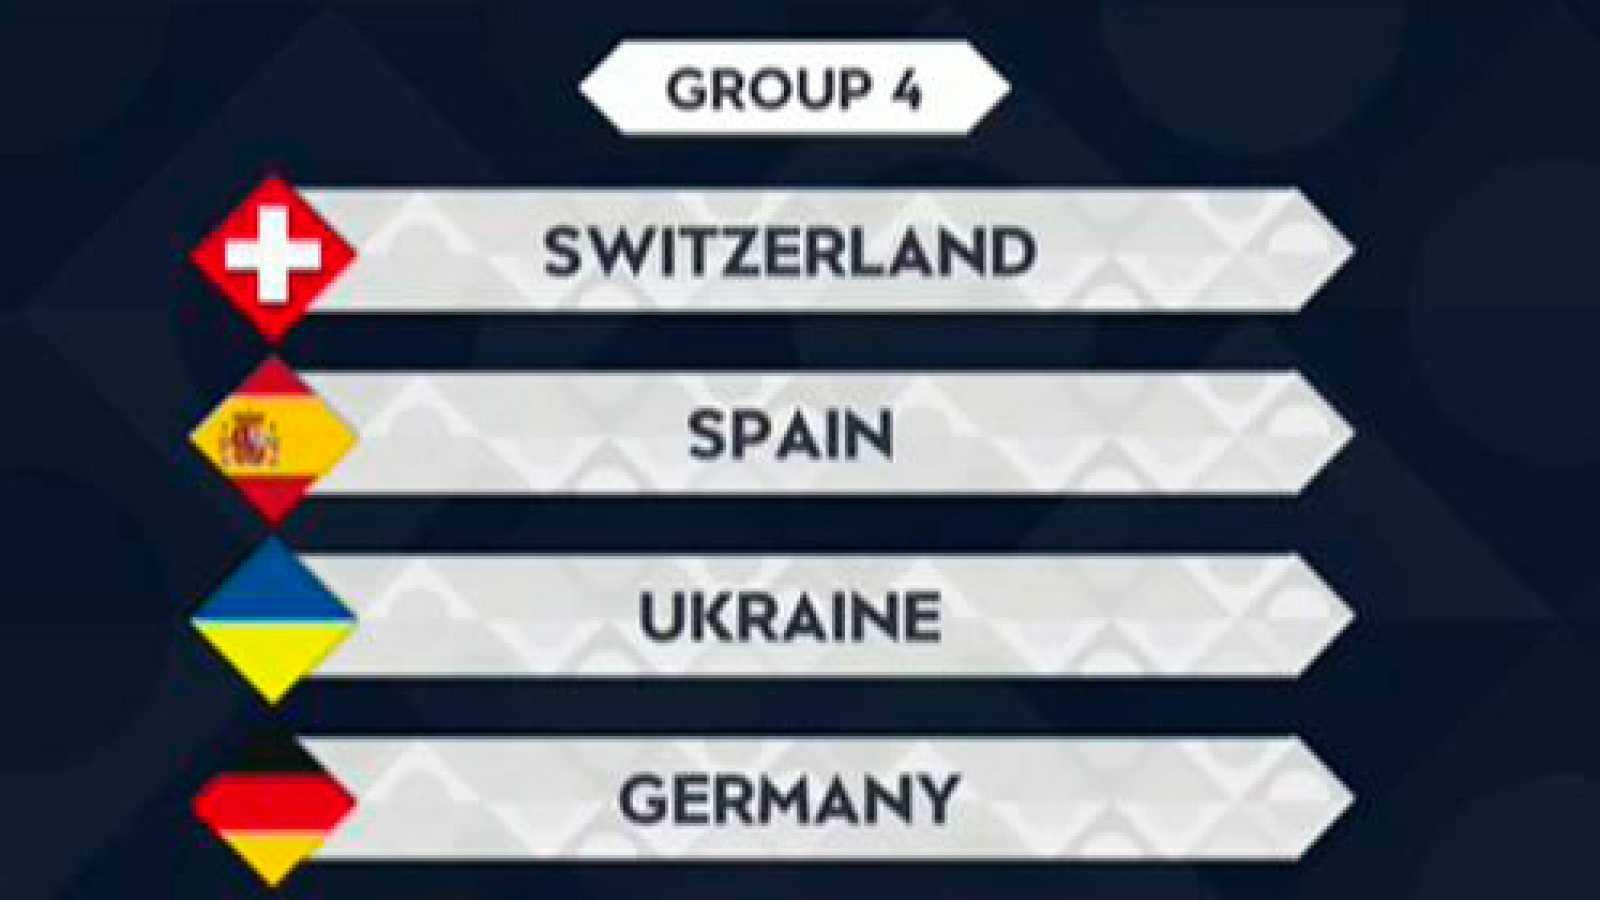 Alemania, Ucrania y Suiza, rivales de España en la Liga de Naciones 2020-21